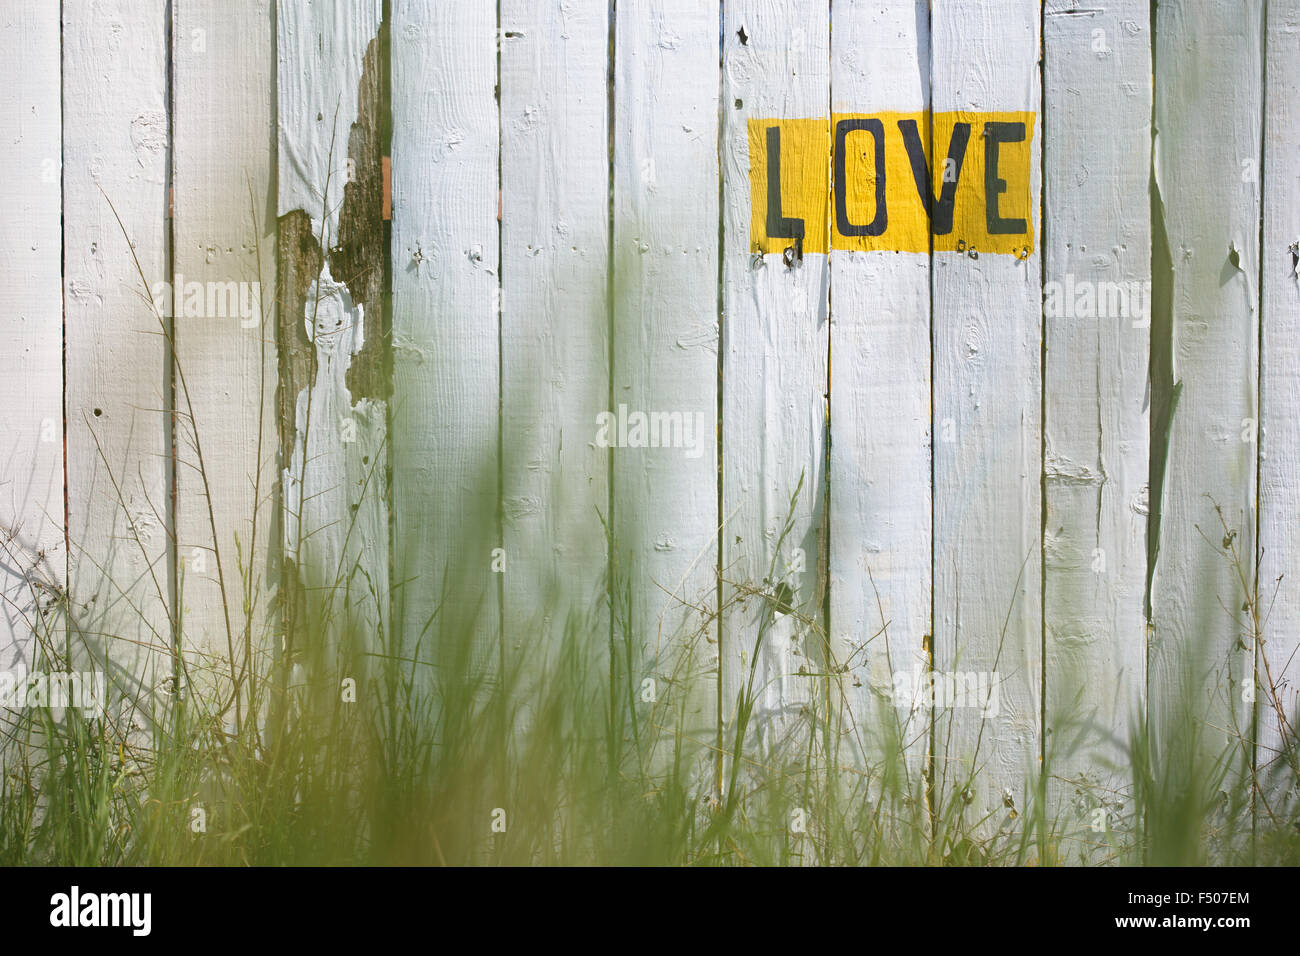 """Das Wort """"LOVE"""" geschrieben auf einem weiß getünchten Zaun Stockbild"""